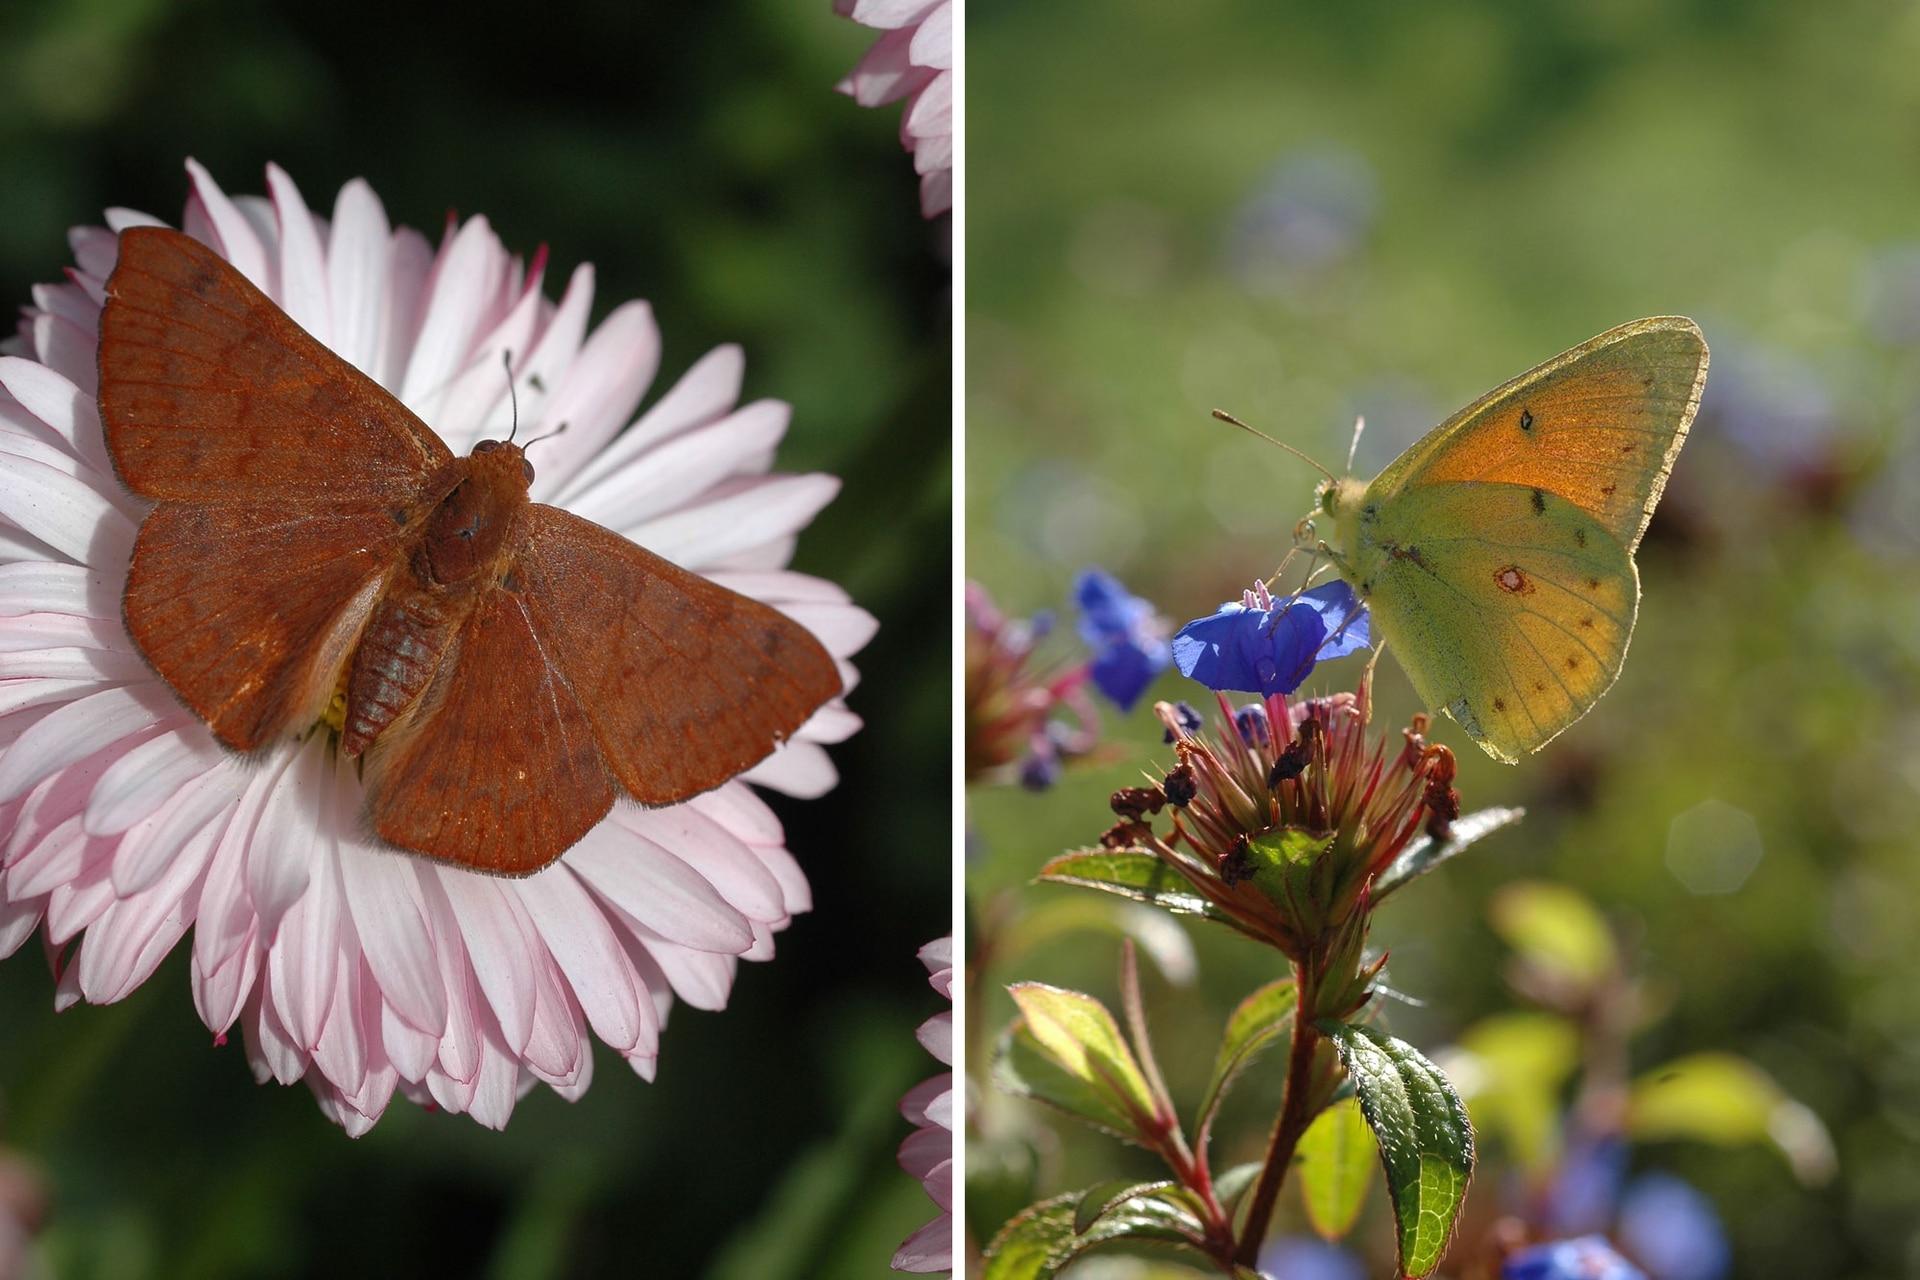 """Izquierda: Una mariposa """"acróbata rojiza"""" (Emesis russula) se posa sobre una coqueta. Derecha: Una """"isoca de la alfalfa"""" (Colias lesbias) macho liba las flores de Ceratostigma plumbaginoides que aparecen entre el fin del verano y el otoño."""